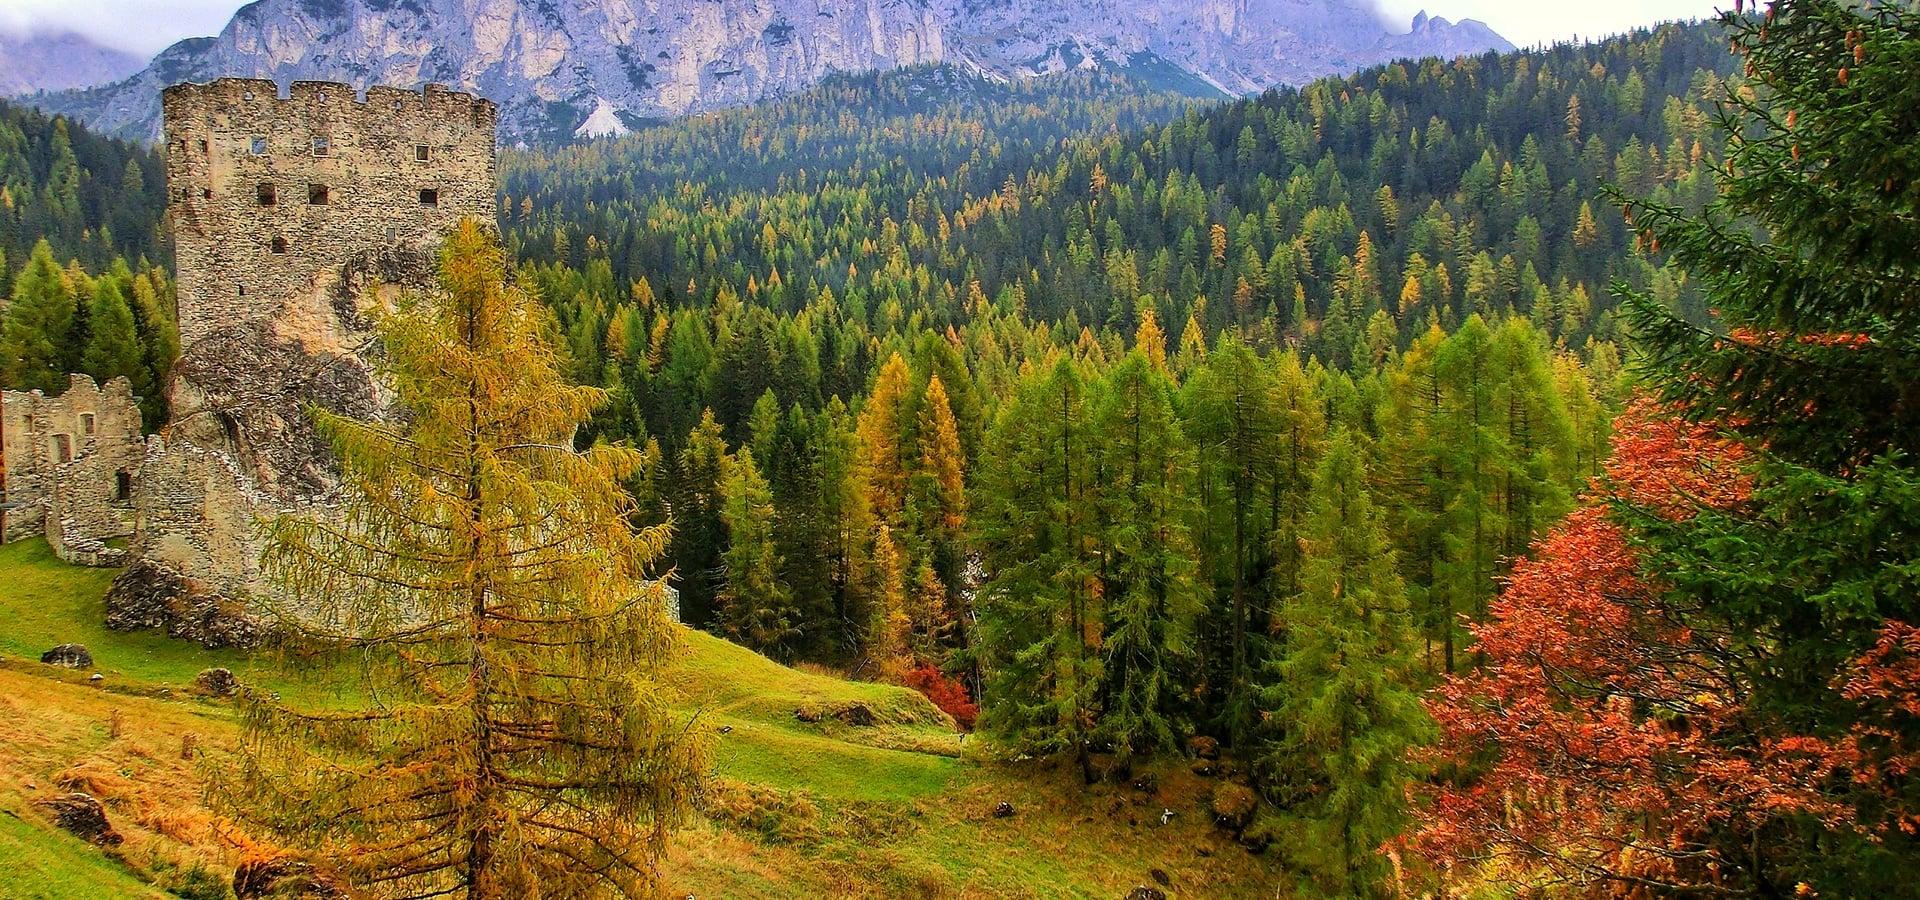 L'autunno sulle Dolomiti di Arabba